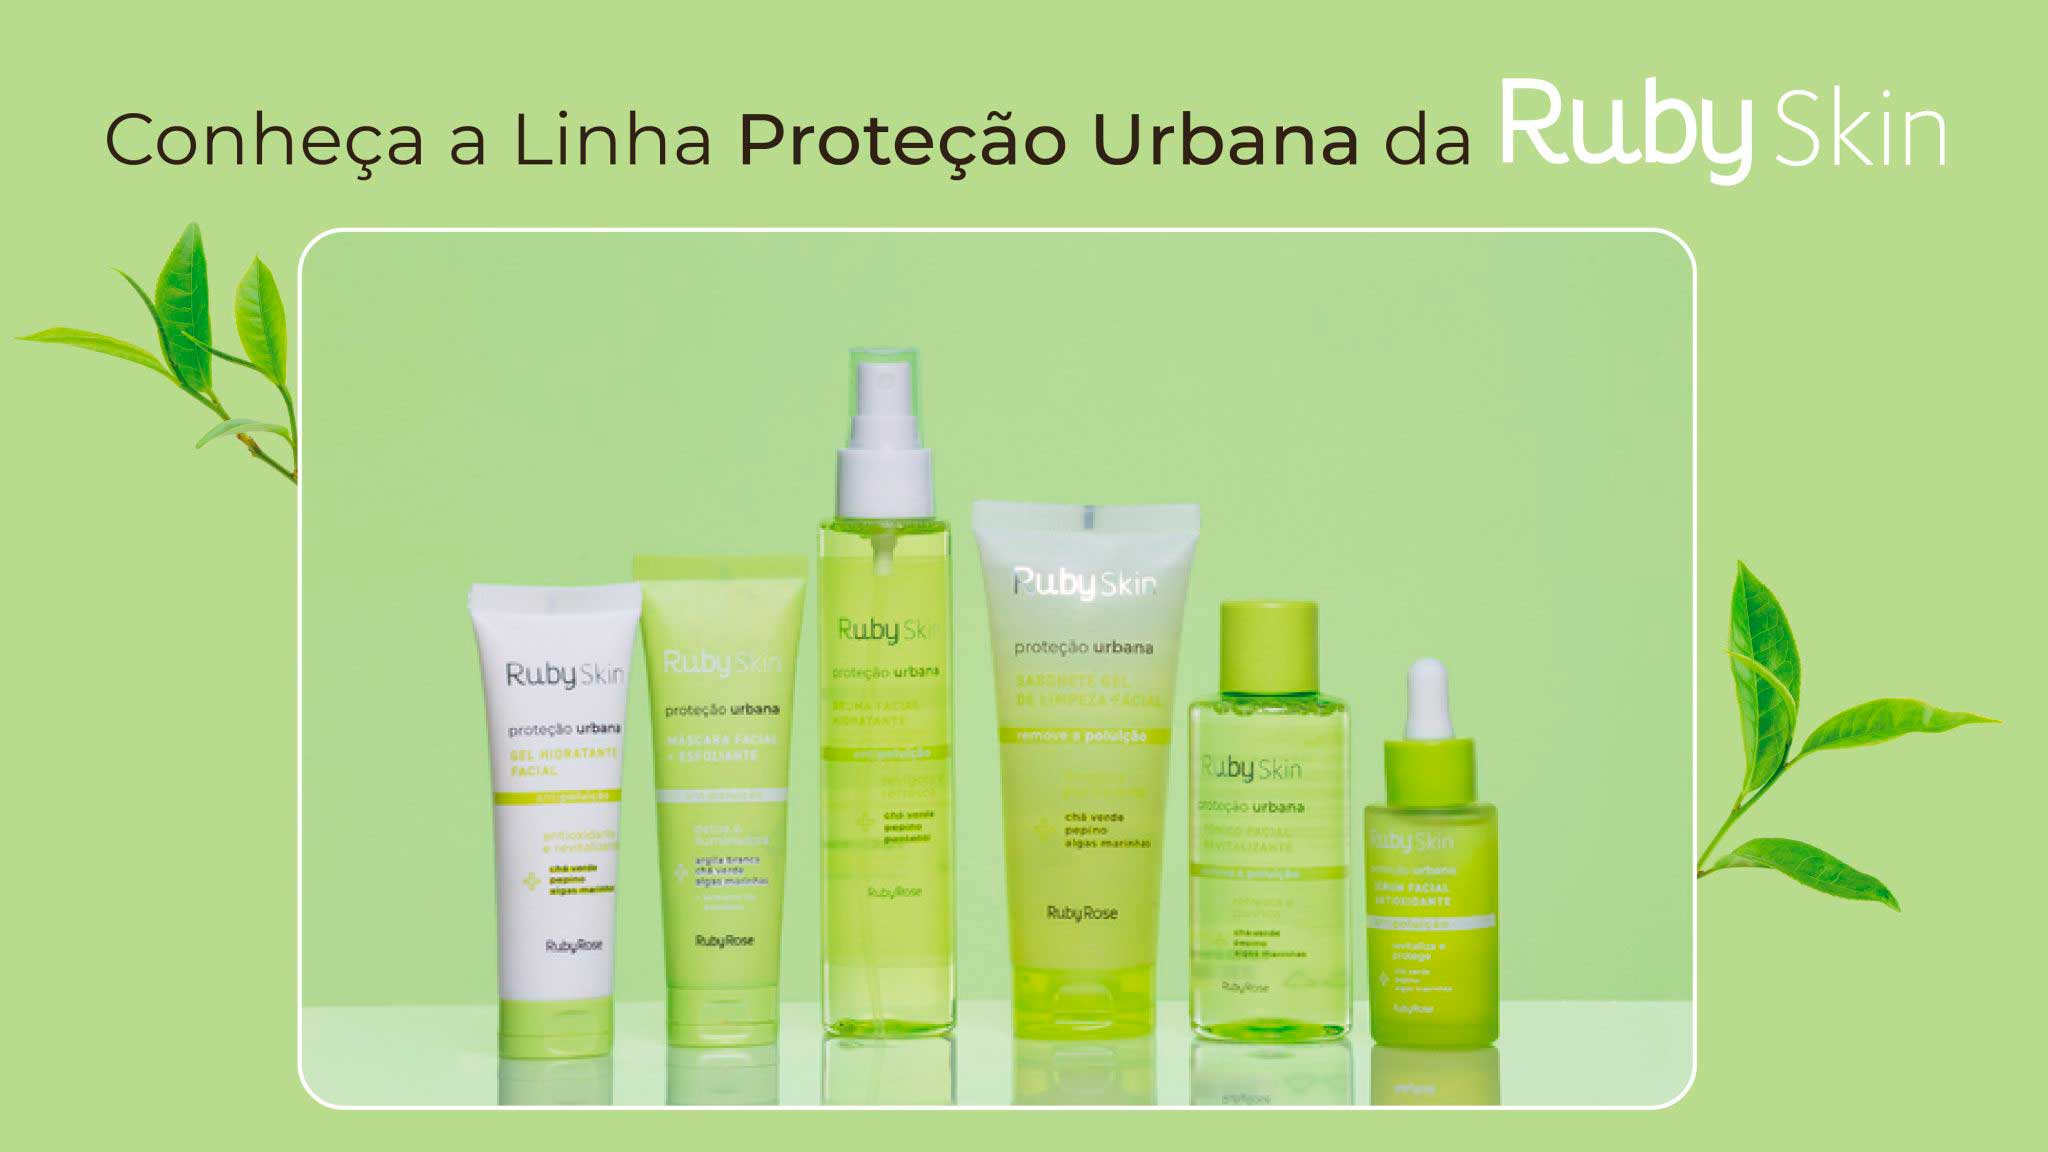 Chegou a linha Proteção Urbana da Ruby Skin! Conheça melhor os nossos produtos